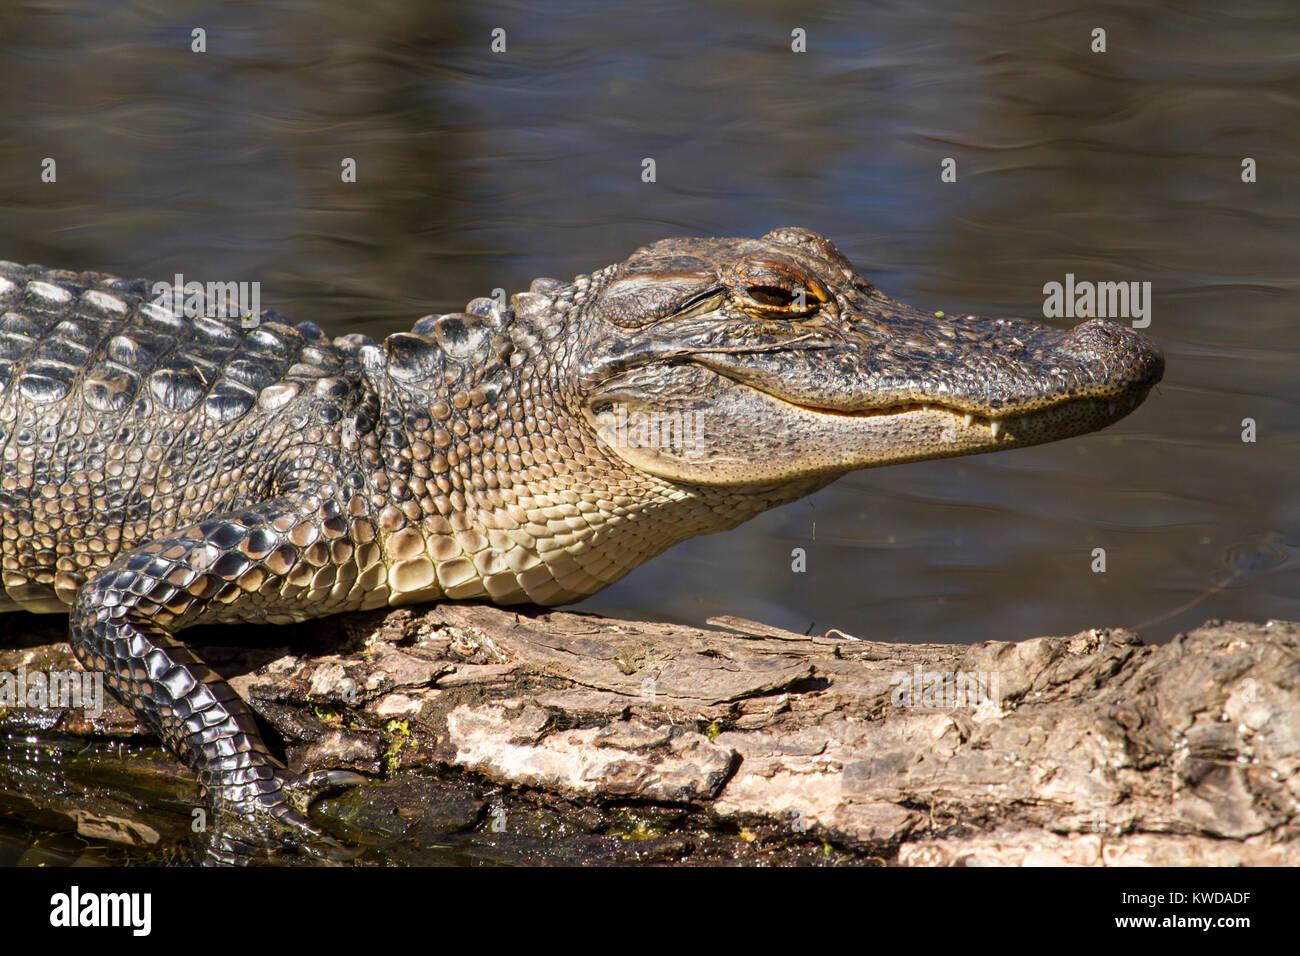 Los jóvenes alligator cerrar Imagen De Stock